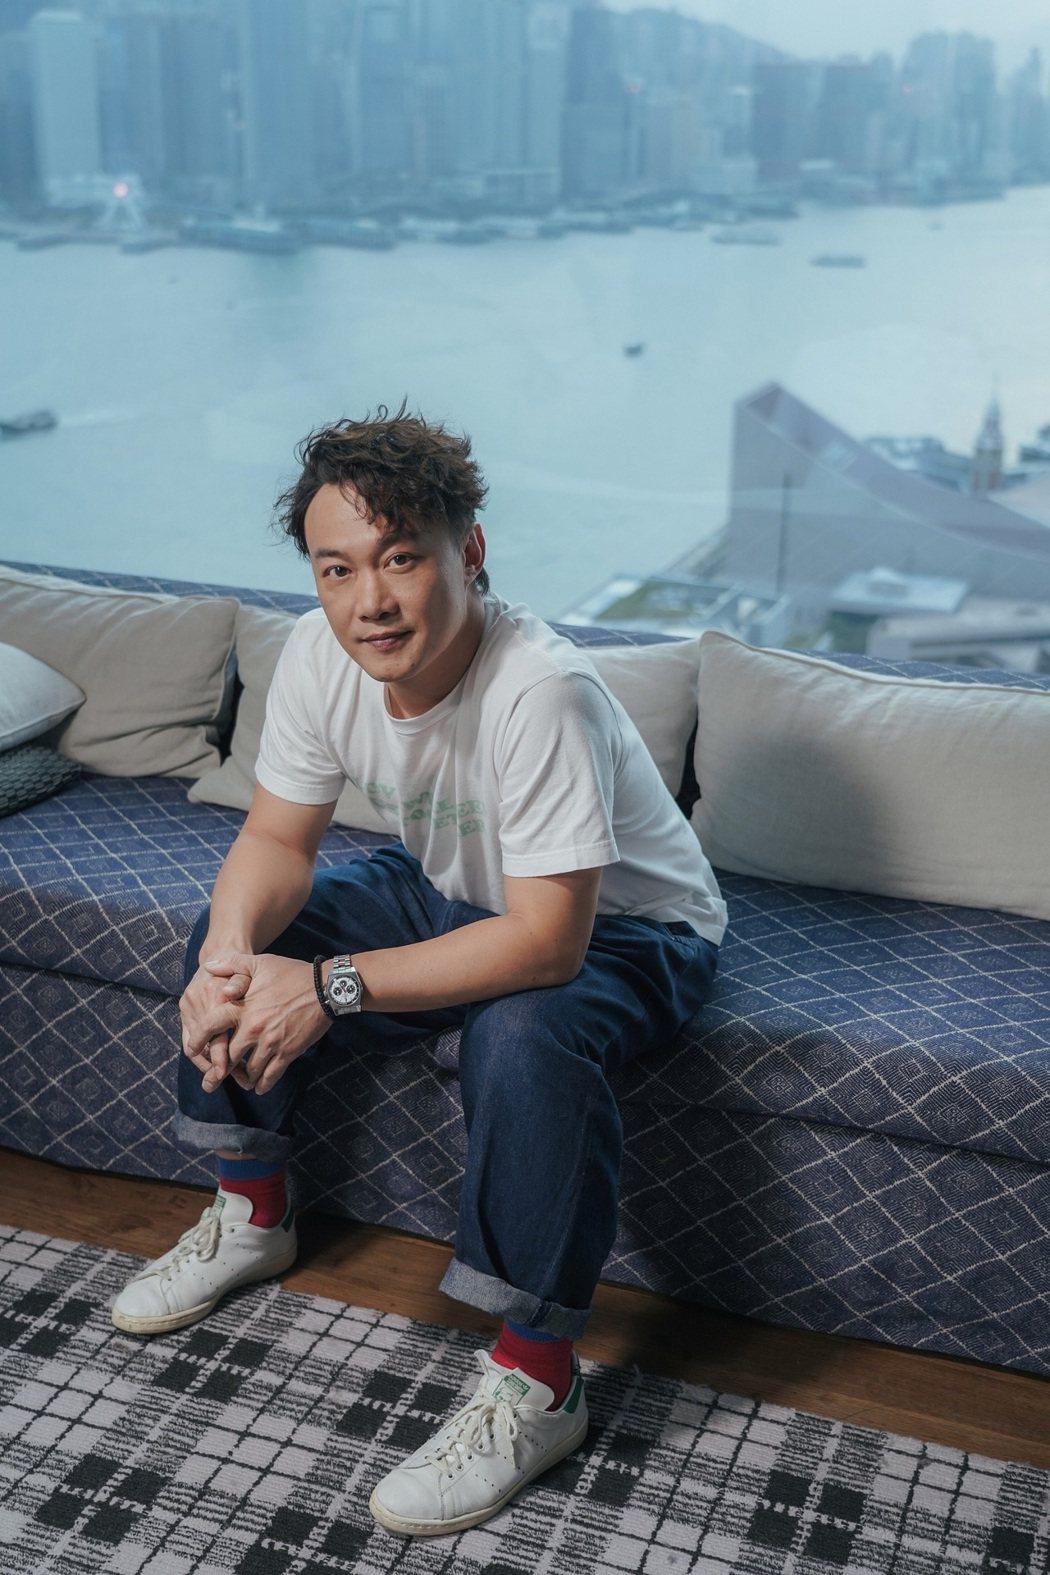 陳奕迅推出全新粵語單曲「致明日的舞」。圖/環球音樂提供